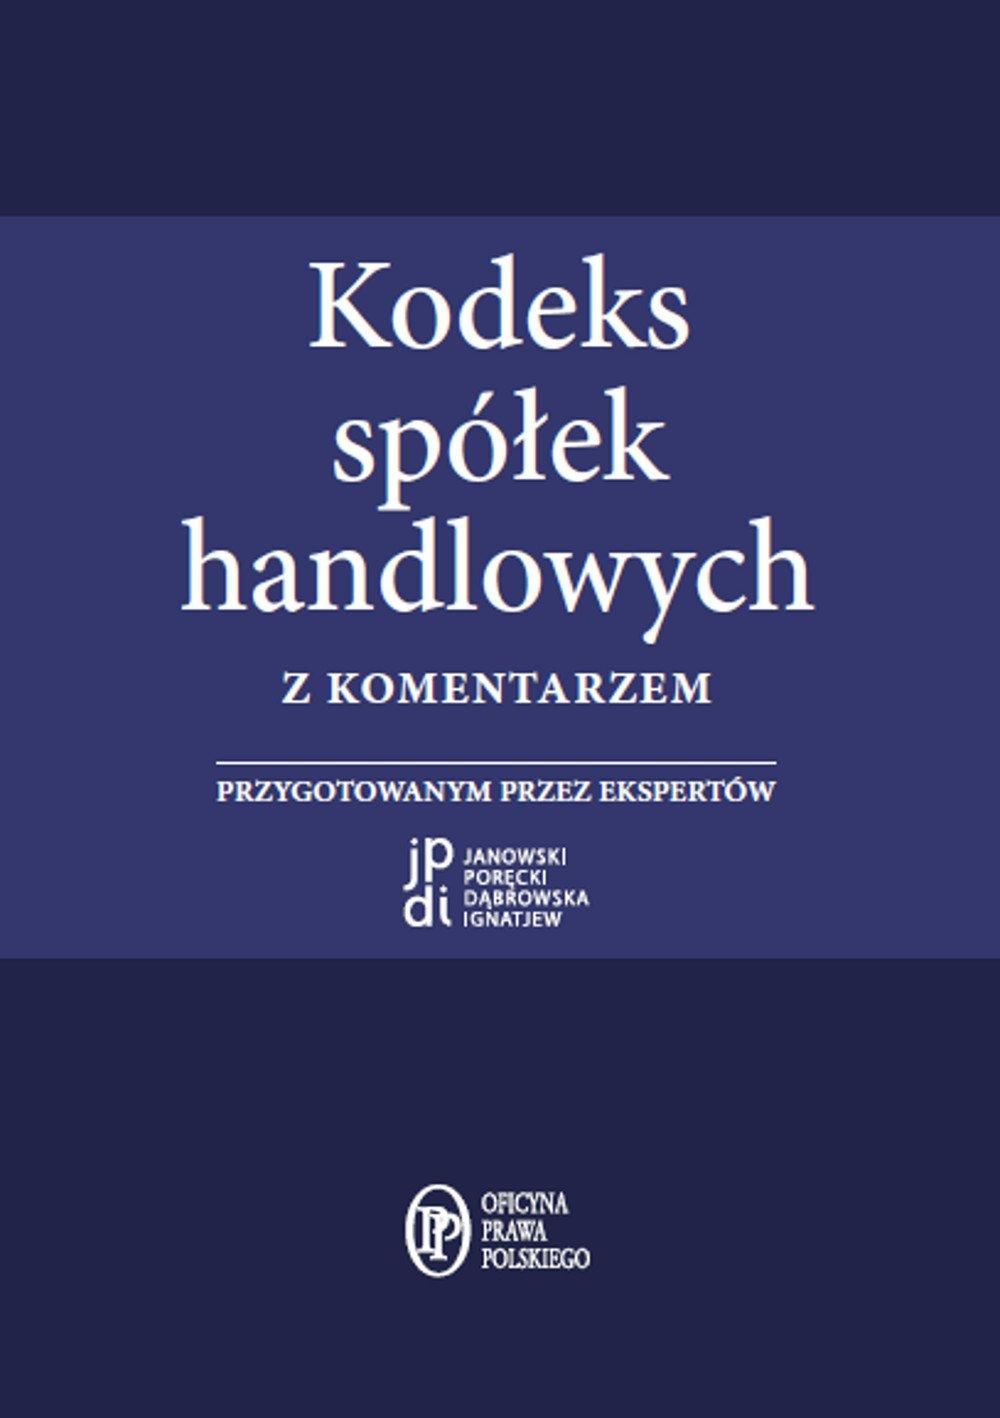 Kodeks spółek handlowych z komentarzem - Ebook (Książka na Kindle) do pobrania w formacie MOBI